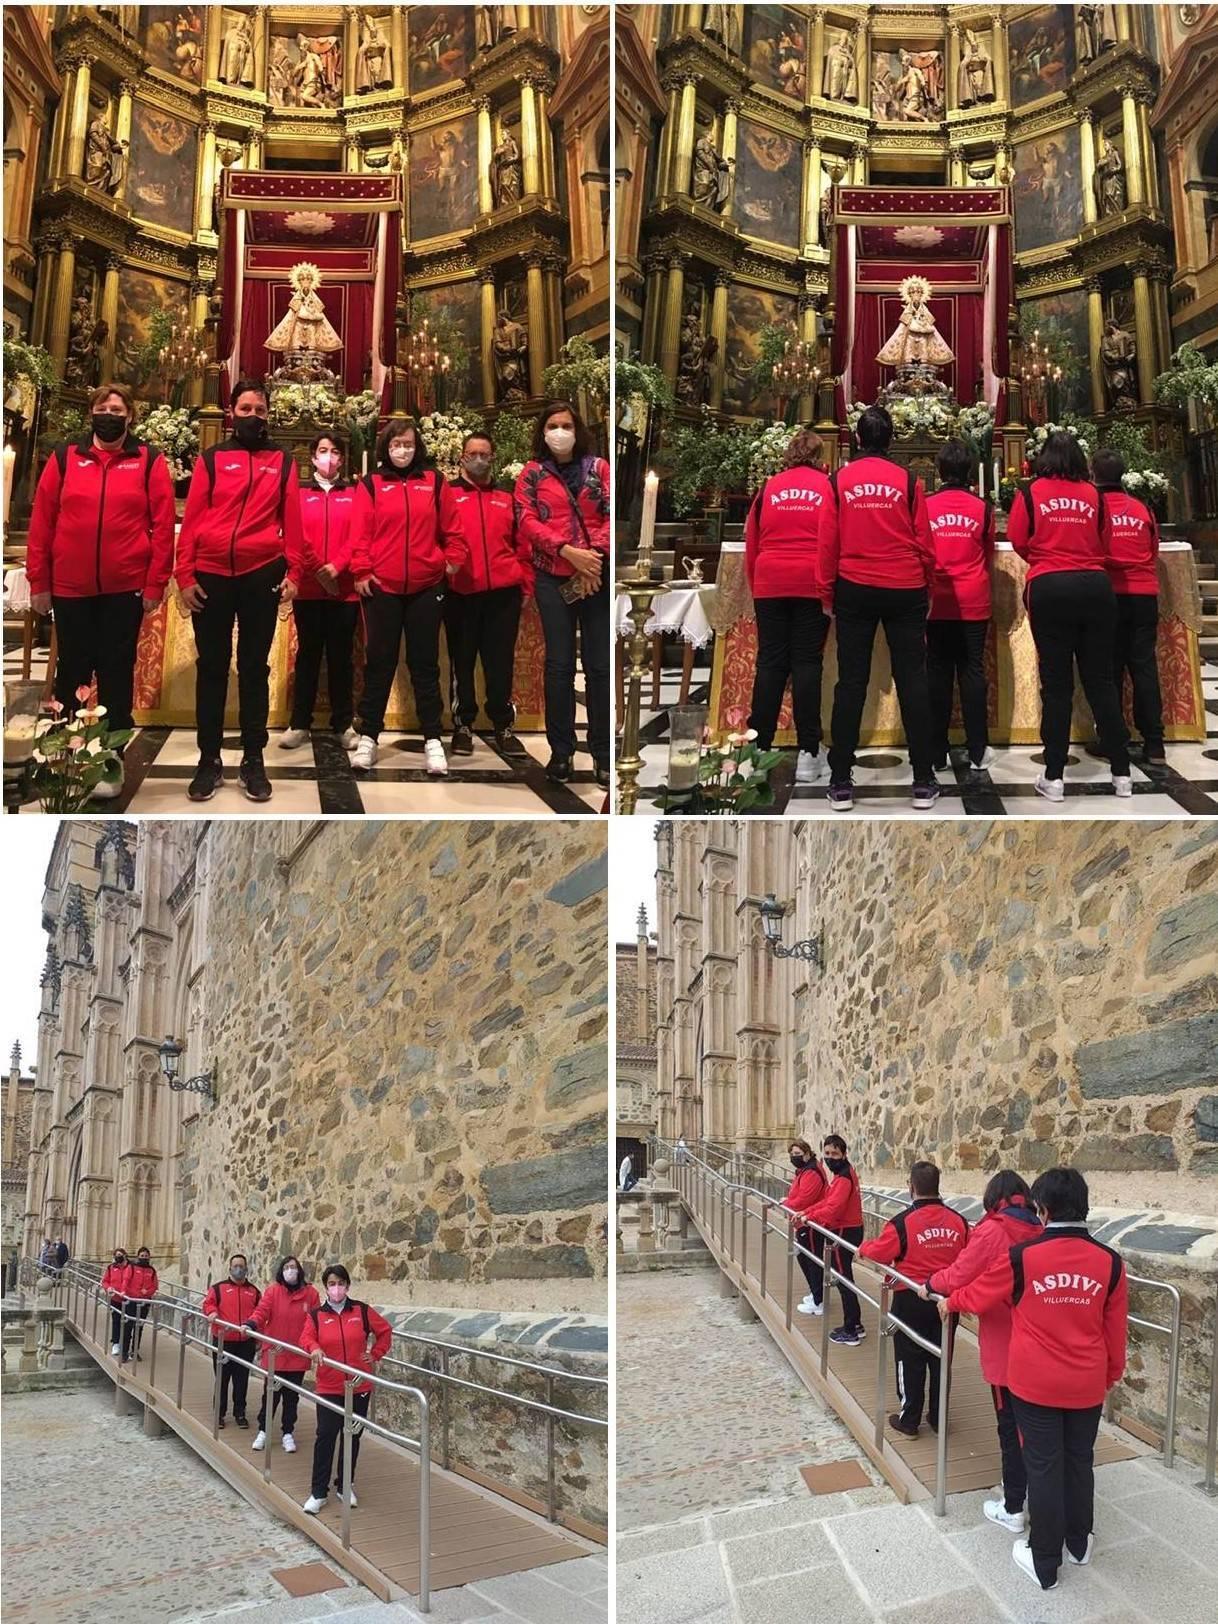 Visita a la patrona de Extremadura (abril 2021)